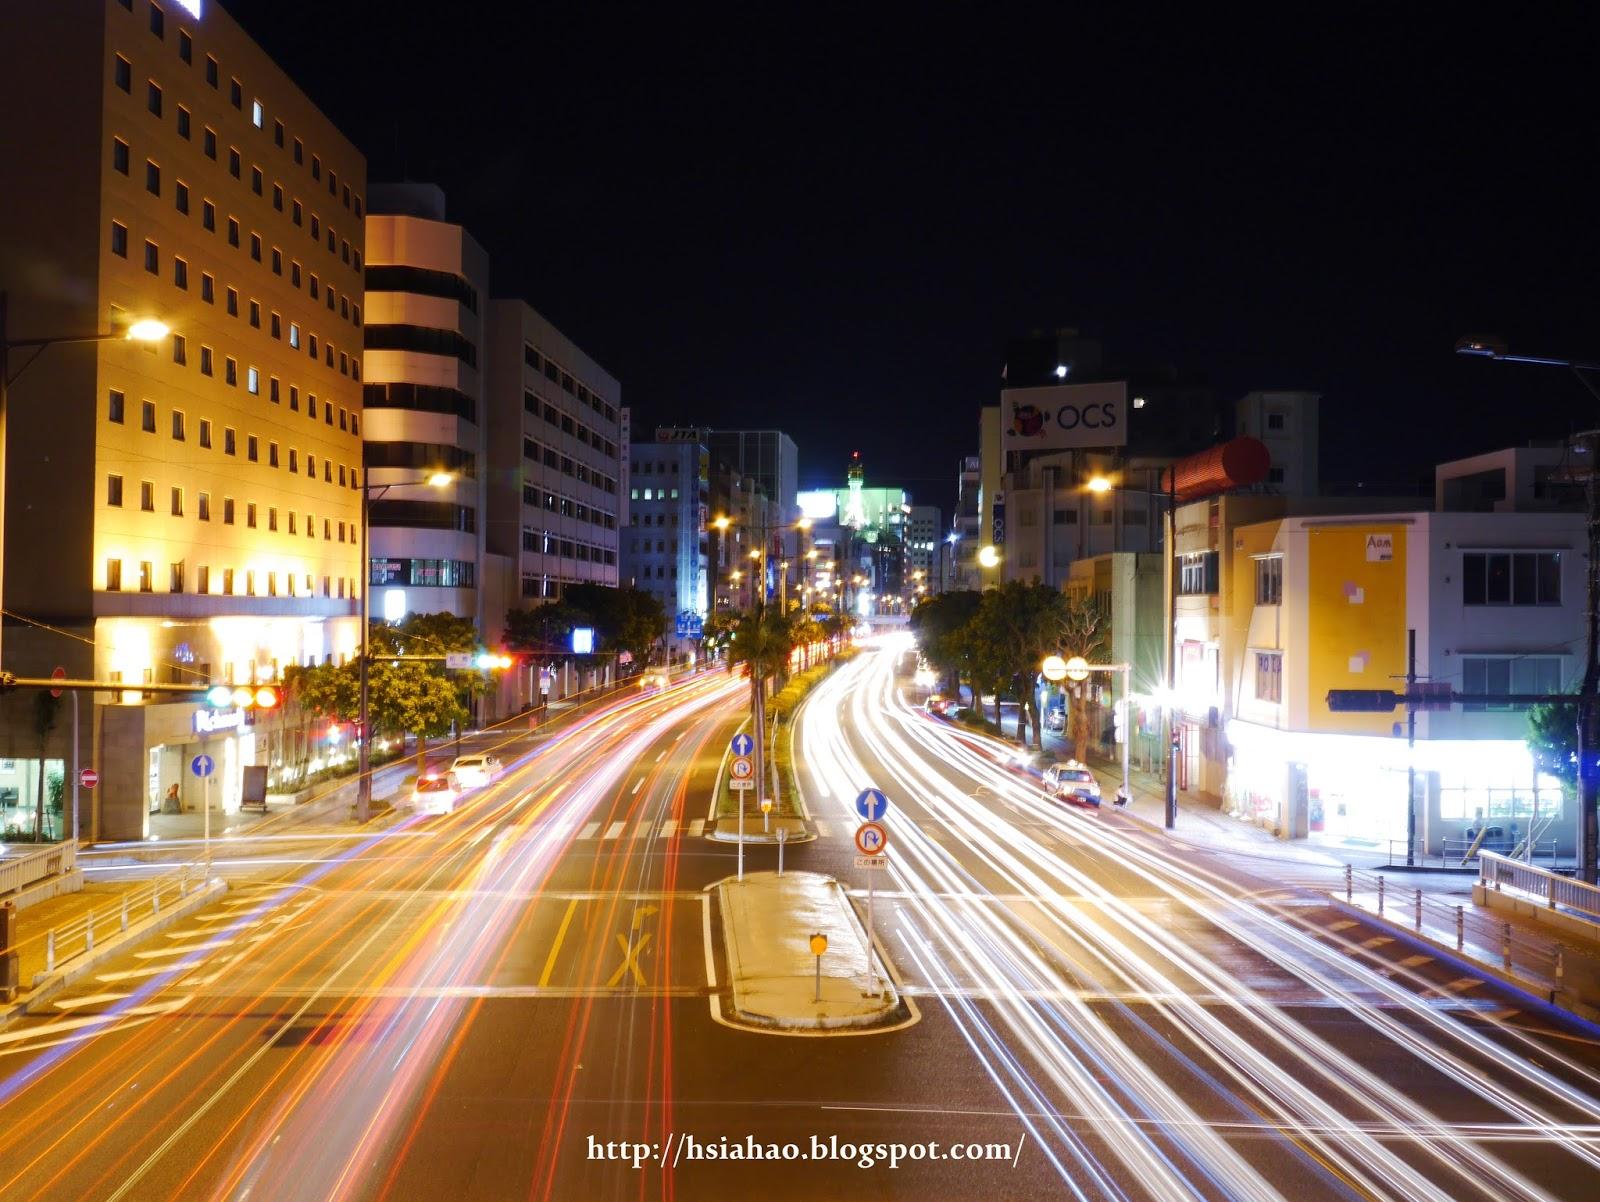 沖繩-國際通-夜景-商店-街景-購物-逛街-景點-自由行-Okinawa-kokusaidori